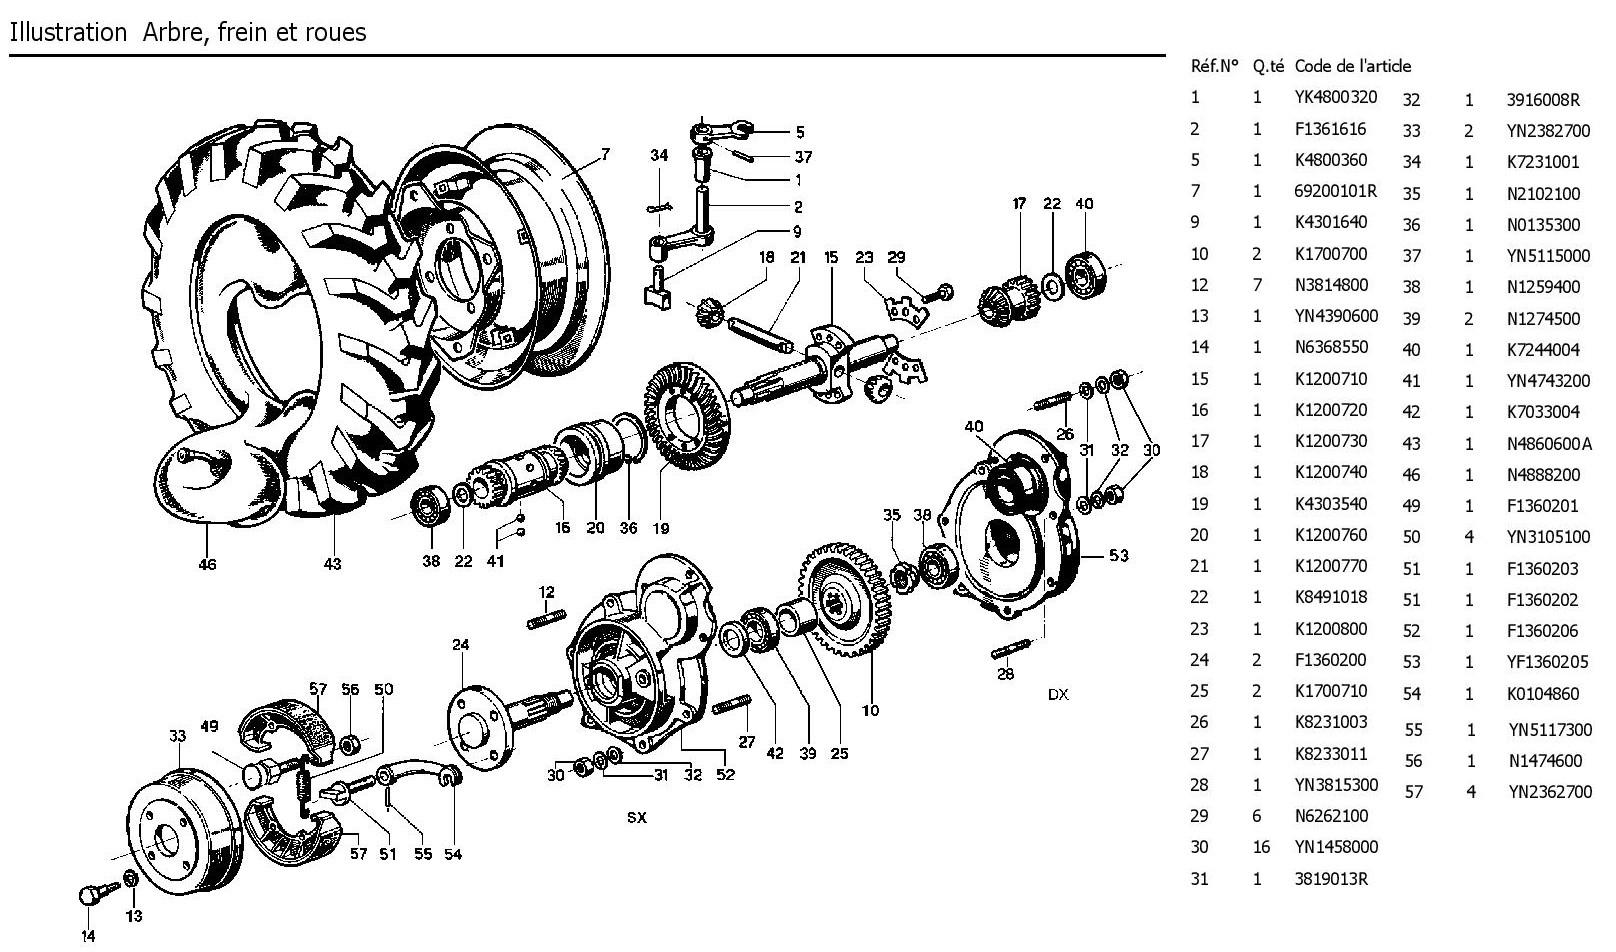 arbre, freins de roues